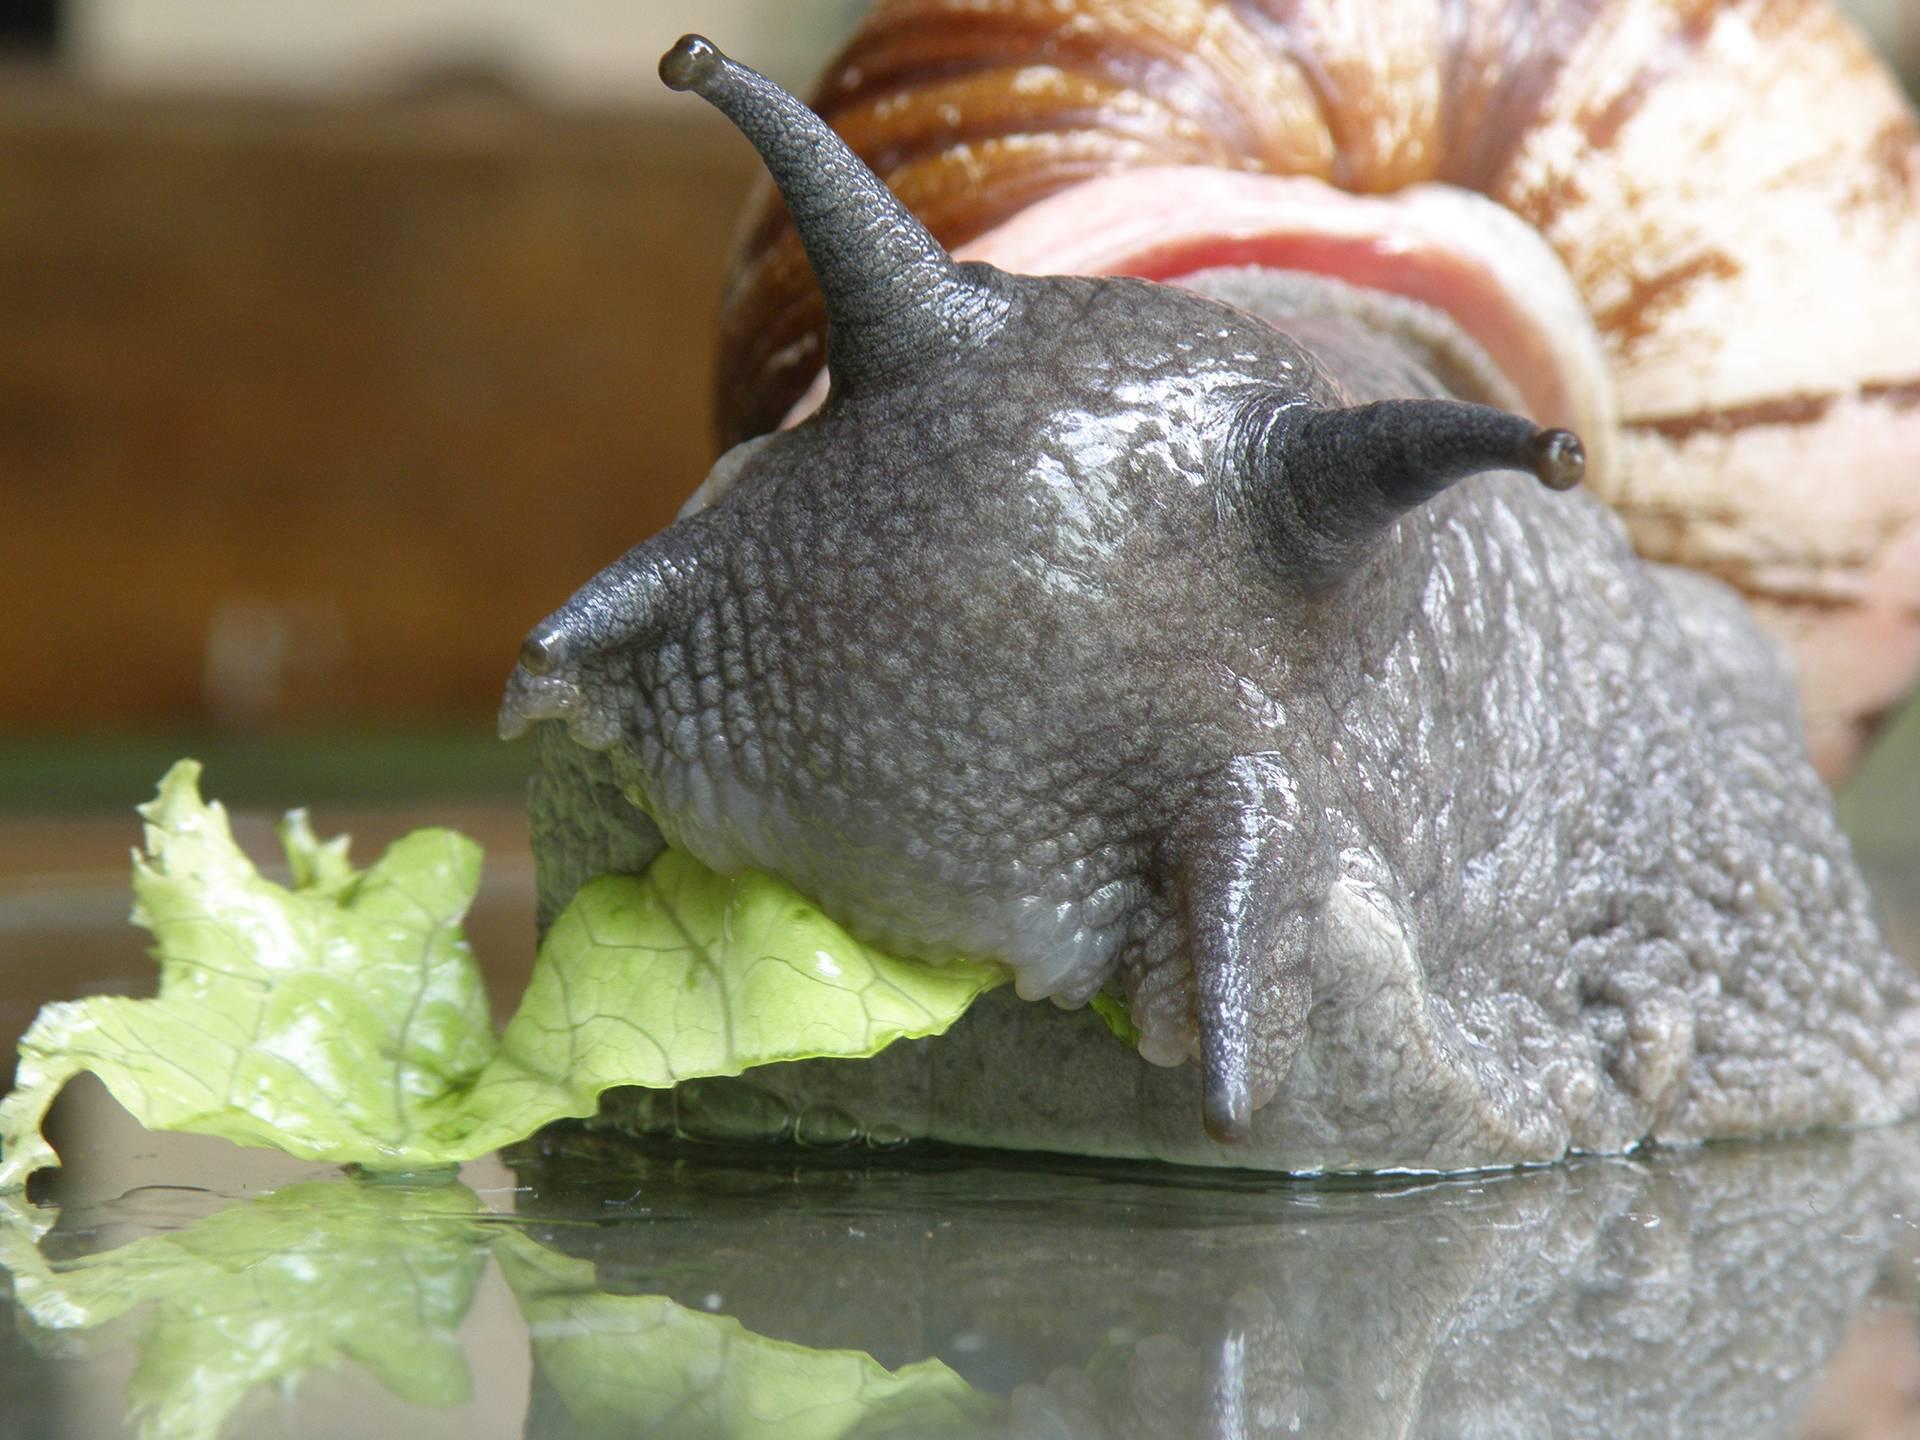 Что едят улитки? 22 фото чем их кормить в домашних условиях? чем питаются в природе уличные улитки? какой у них тип питания? можно ли давать в качестве корма кормовой мел?